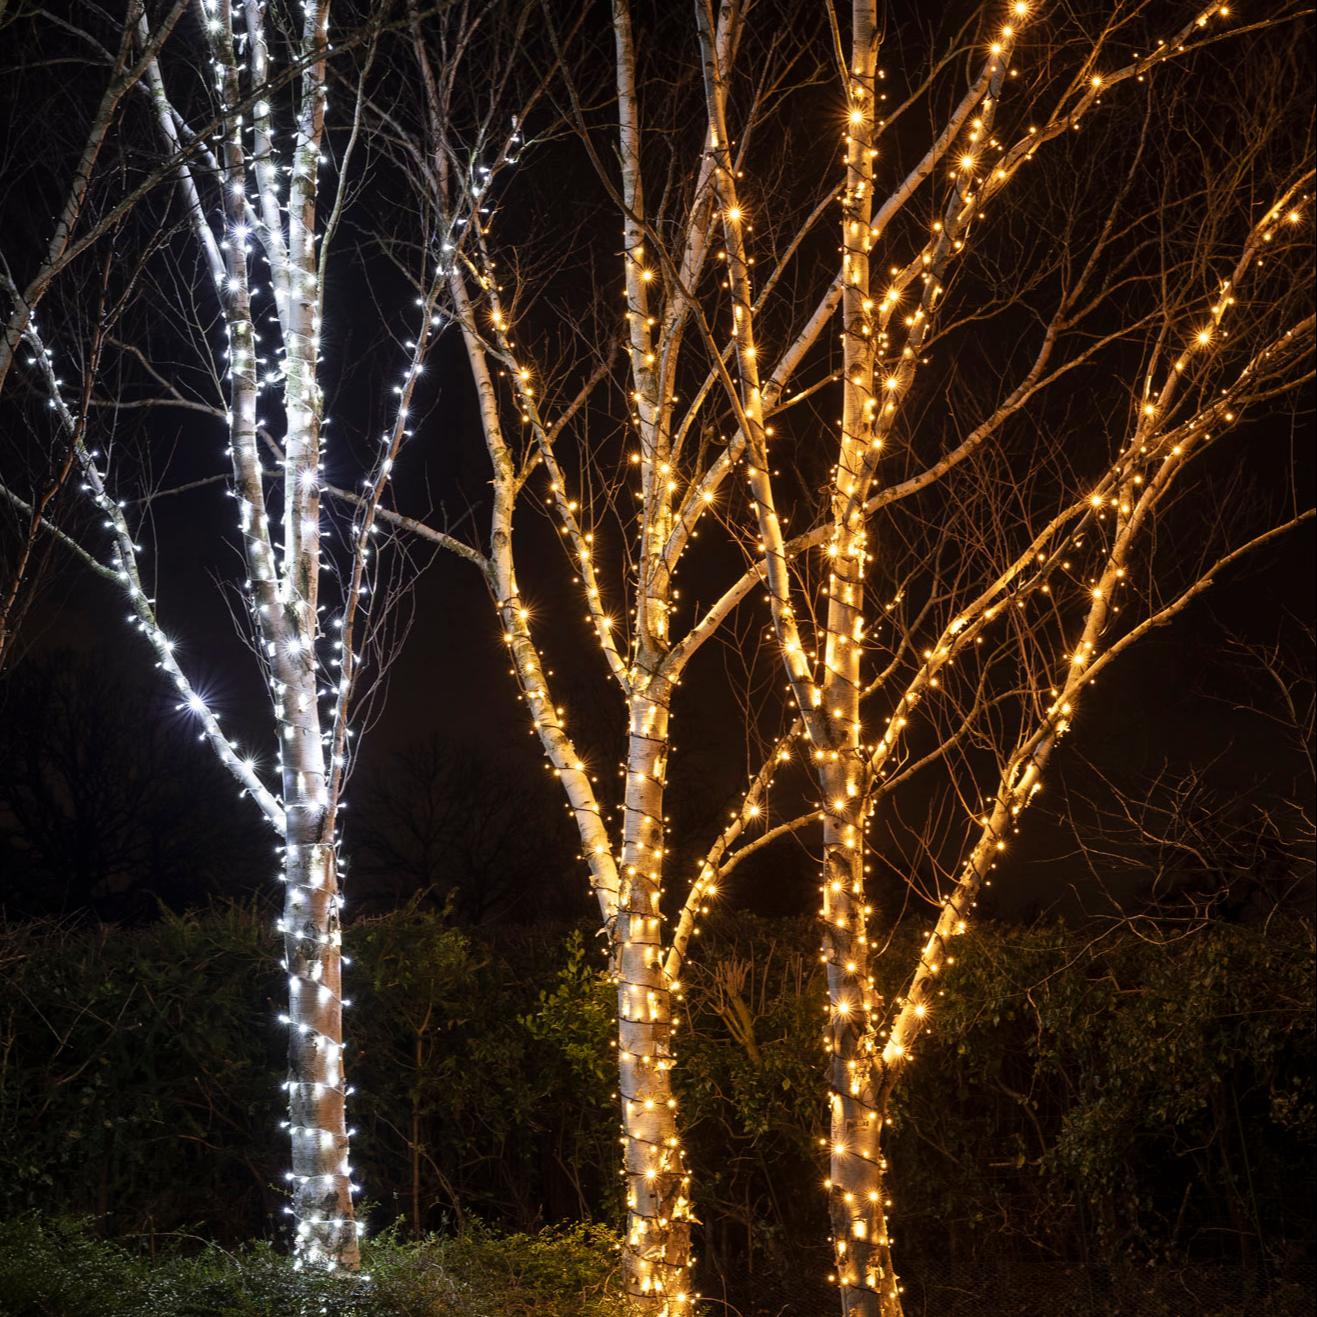 Mit weißen und warmweißen Lichterketten umwickelte Bäume